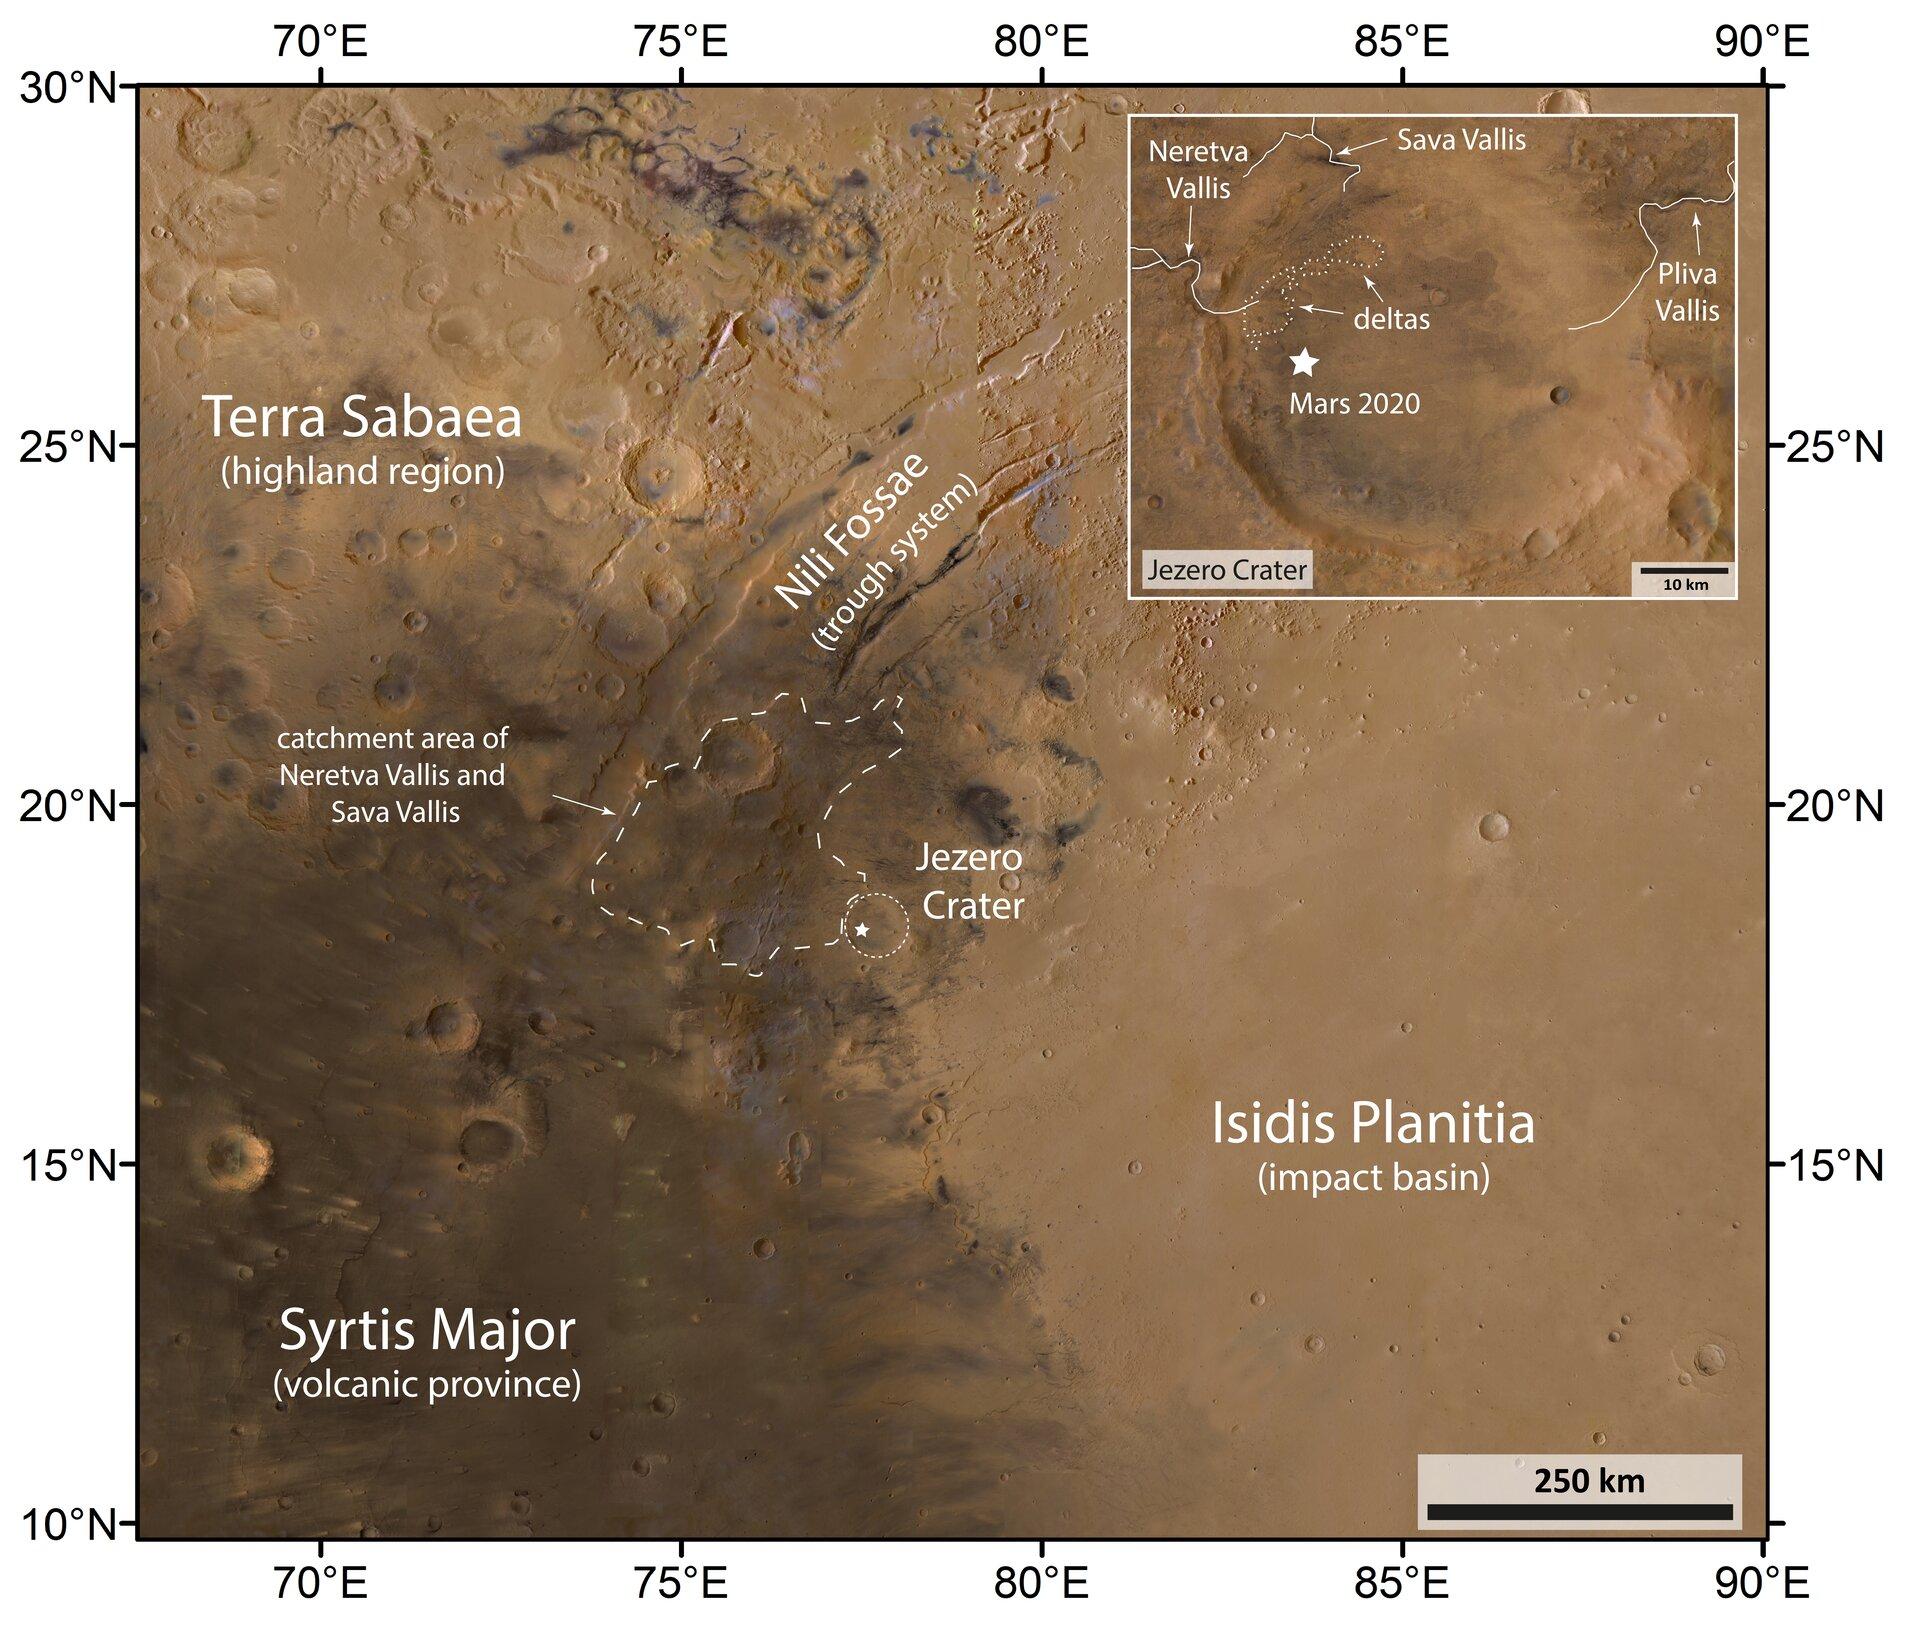 Il cratere Jazero e la zona circostante. credits: ESA/DLR/FU